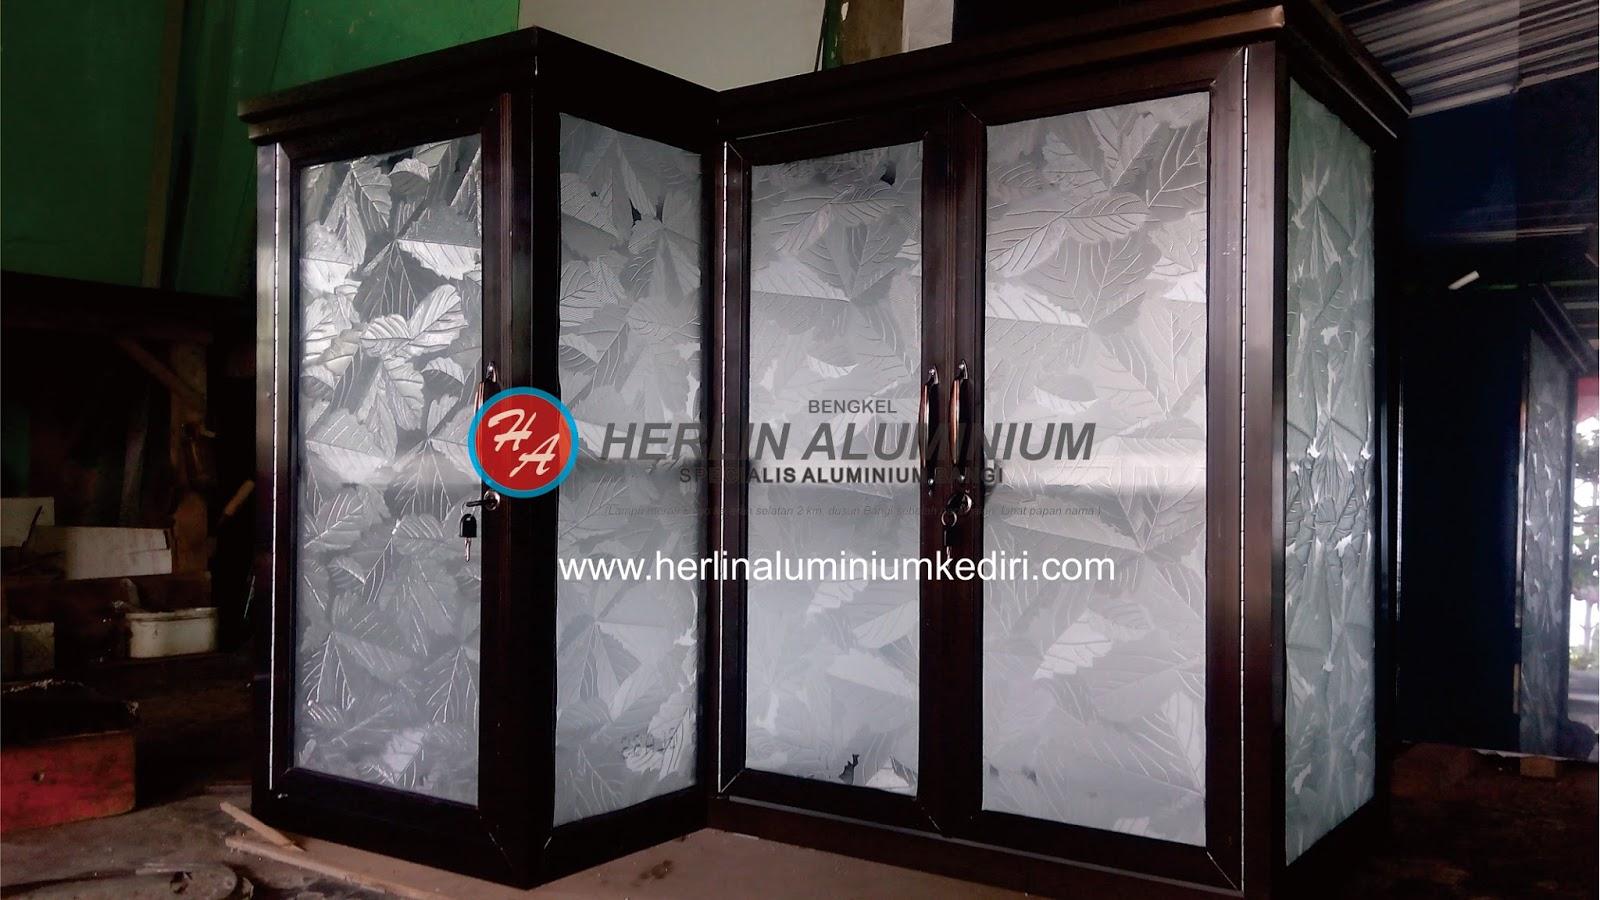 Bengkel aluminium pembuatan kitchen set di daerah kediri for Gambar kitchen set aluminium